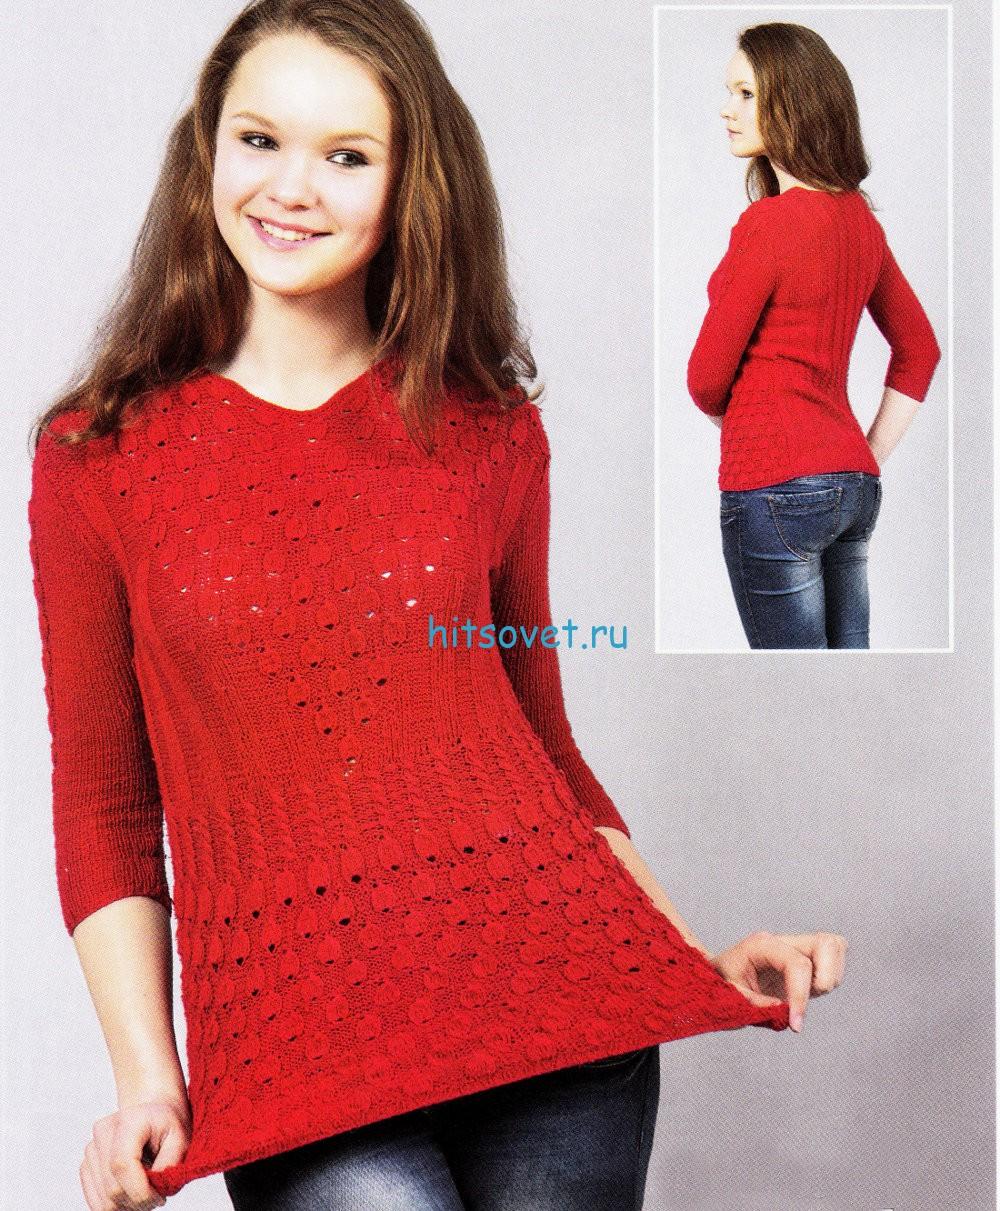 Красный пуловер для девушки